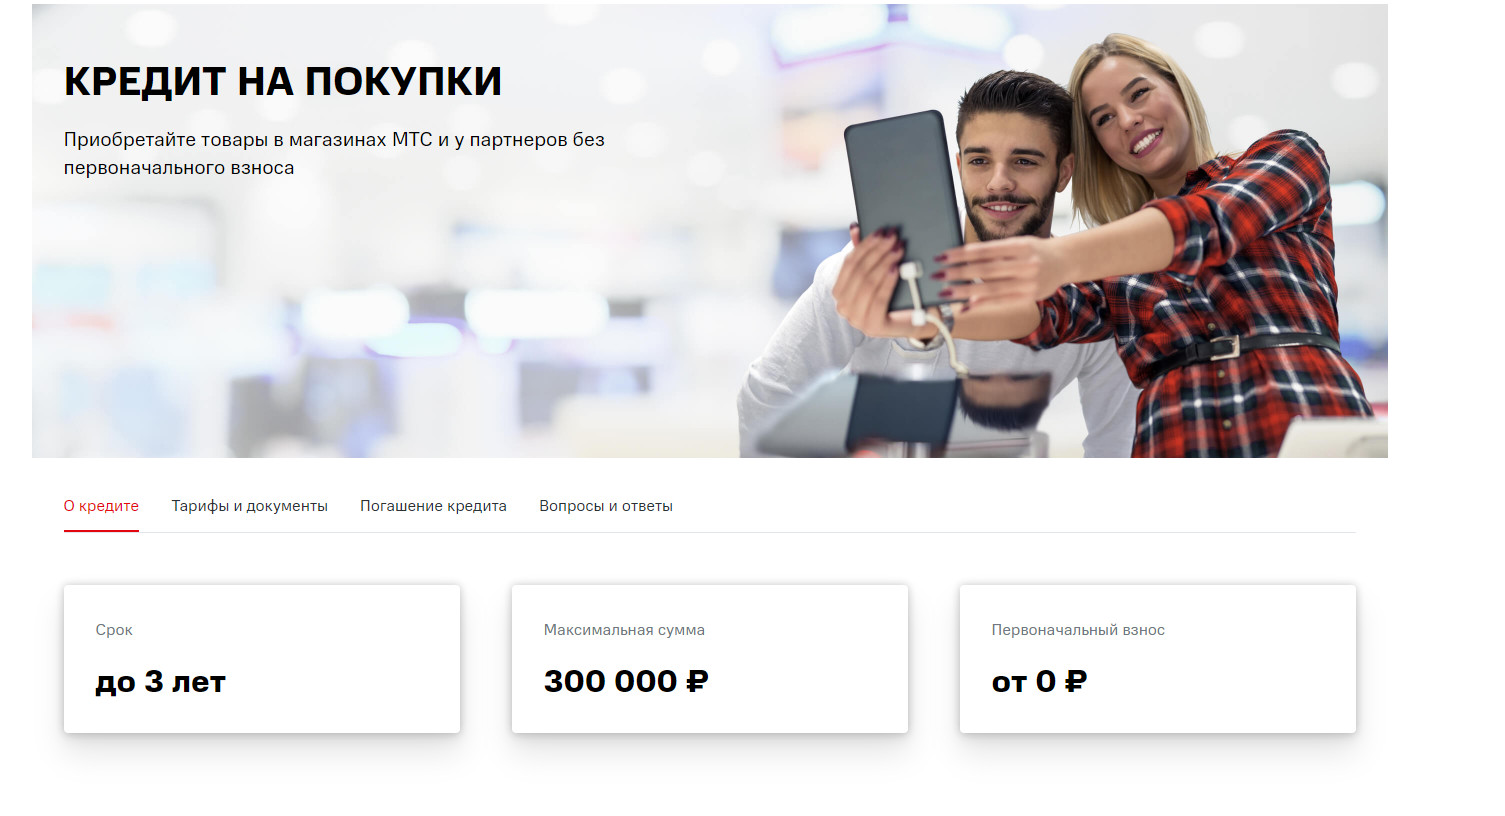 займ евросети онлайн заявка